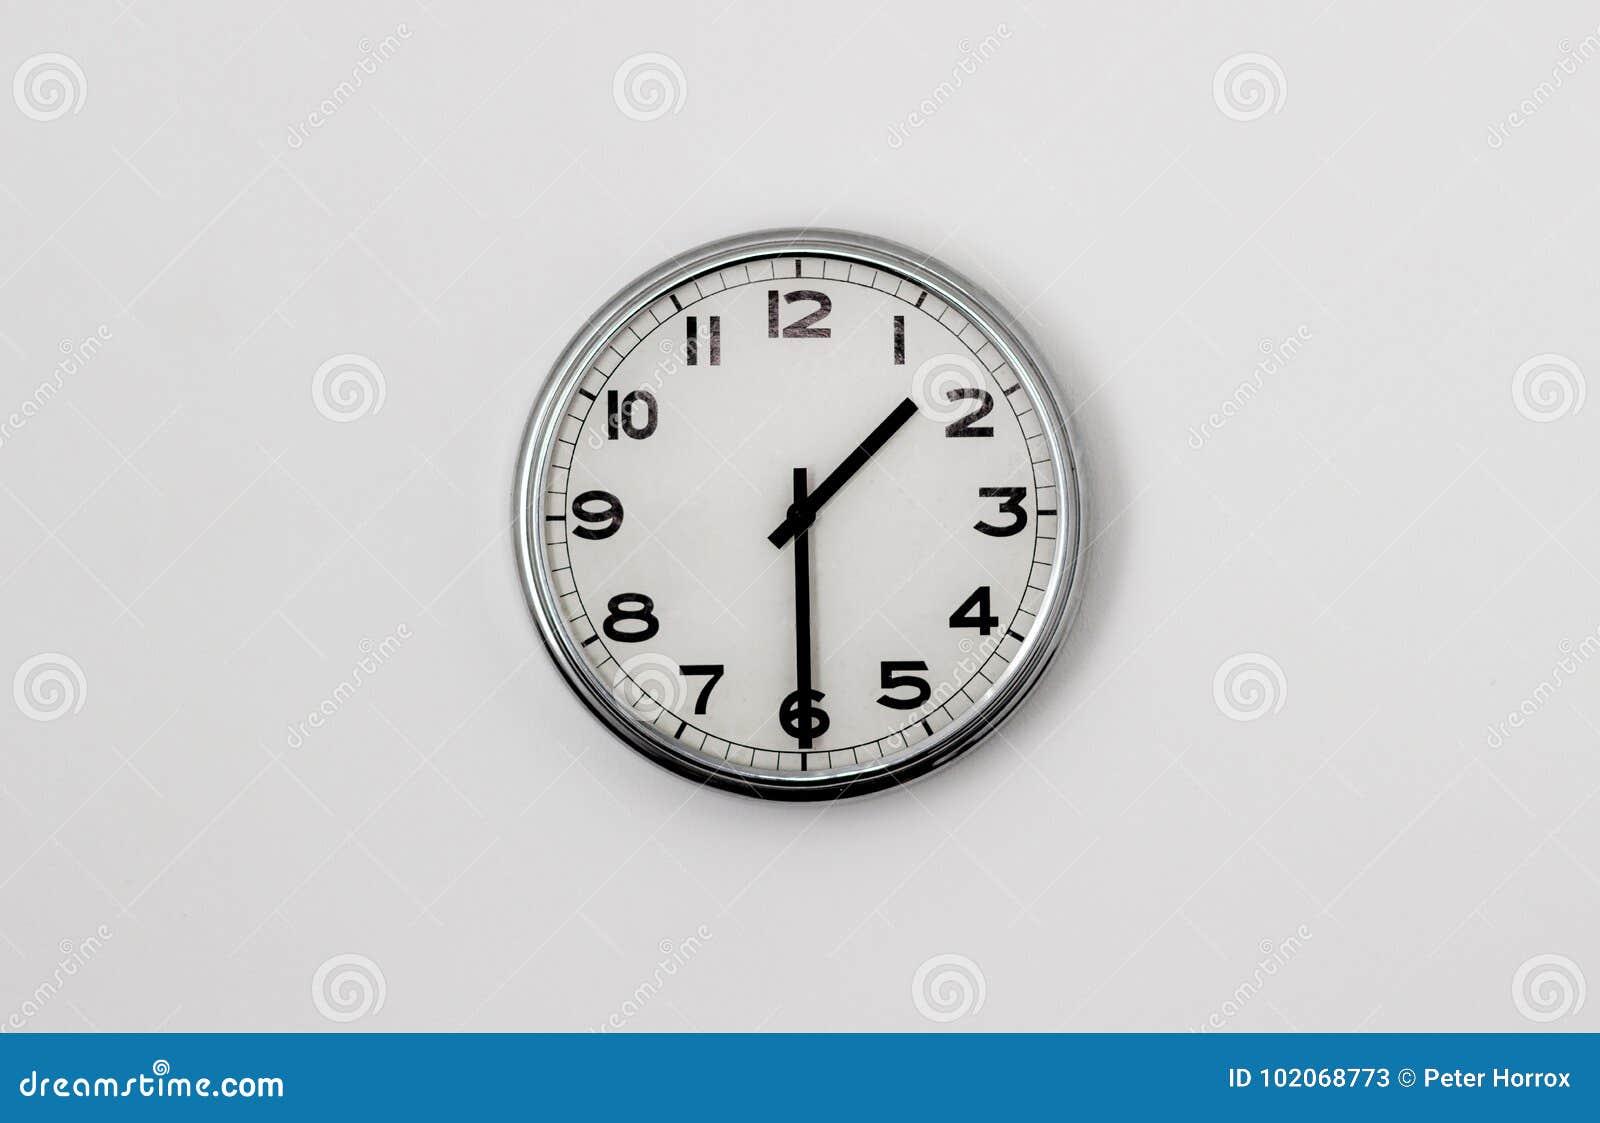 1:30 del reloj